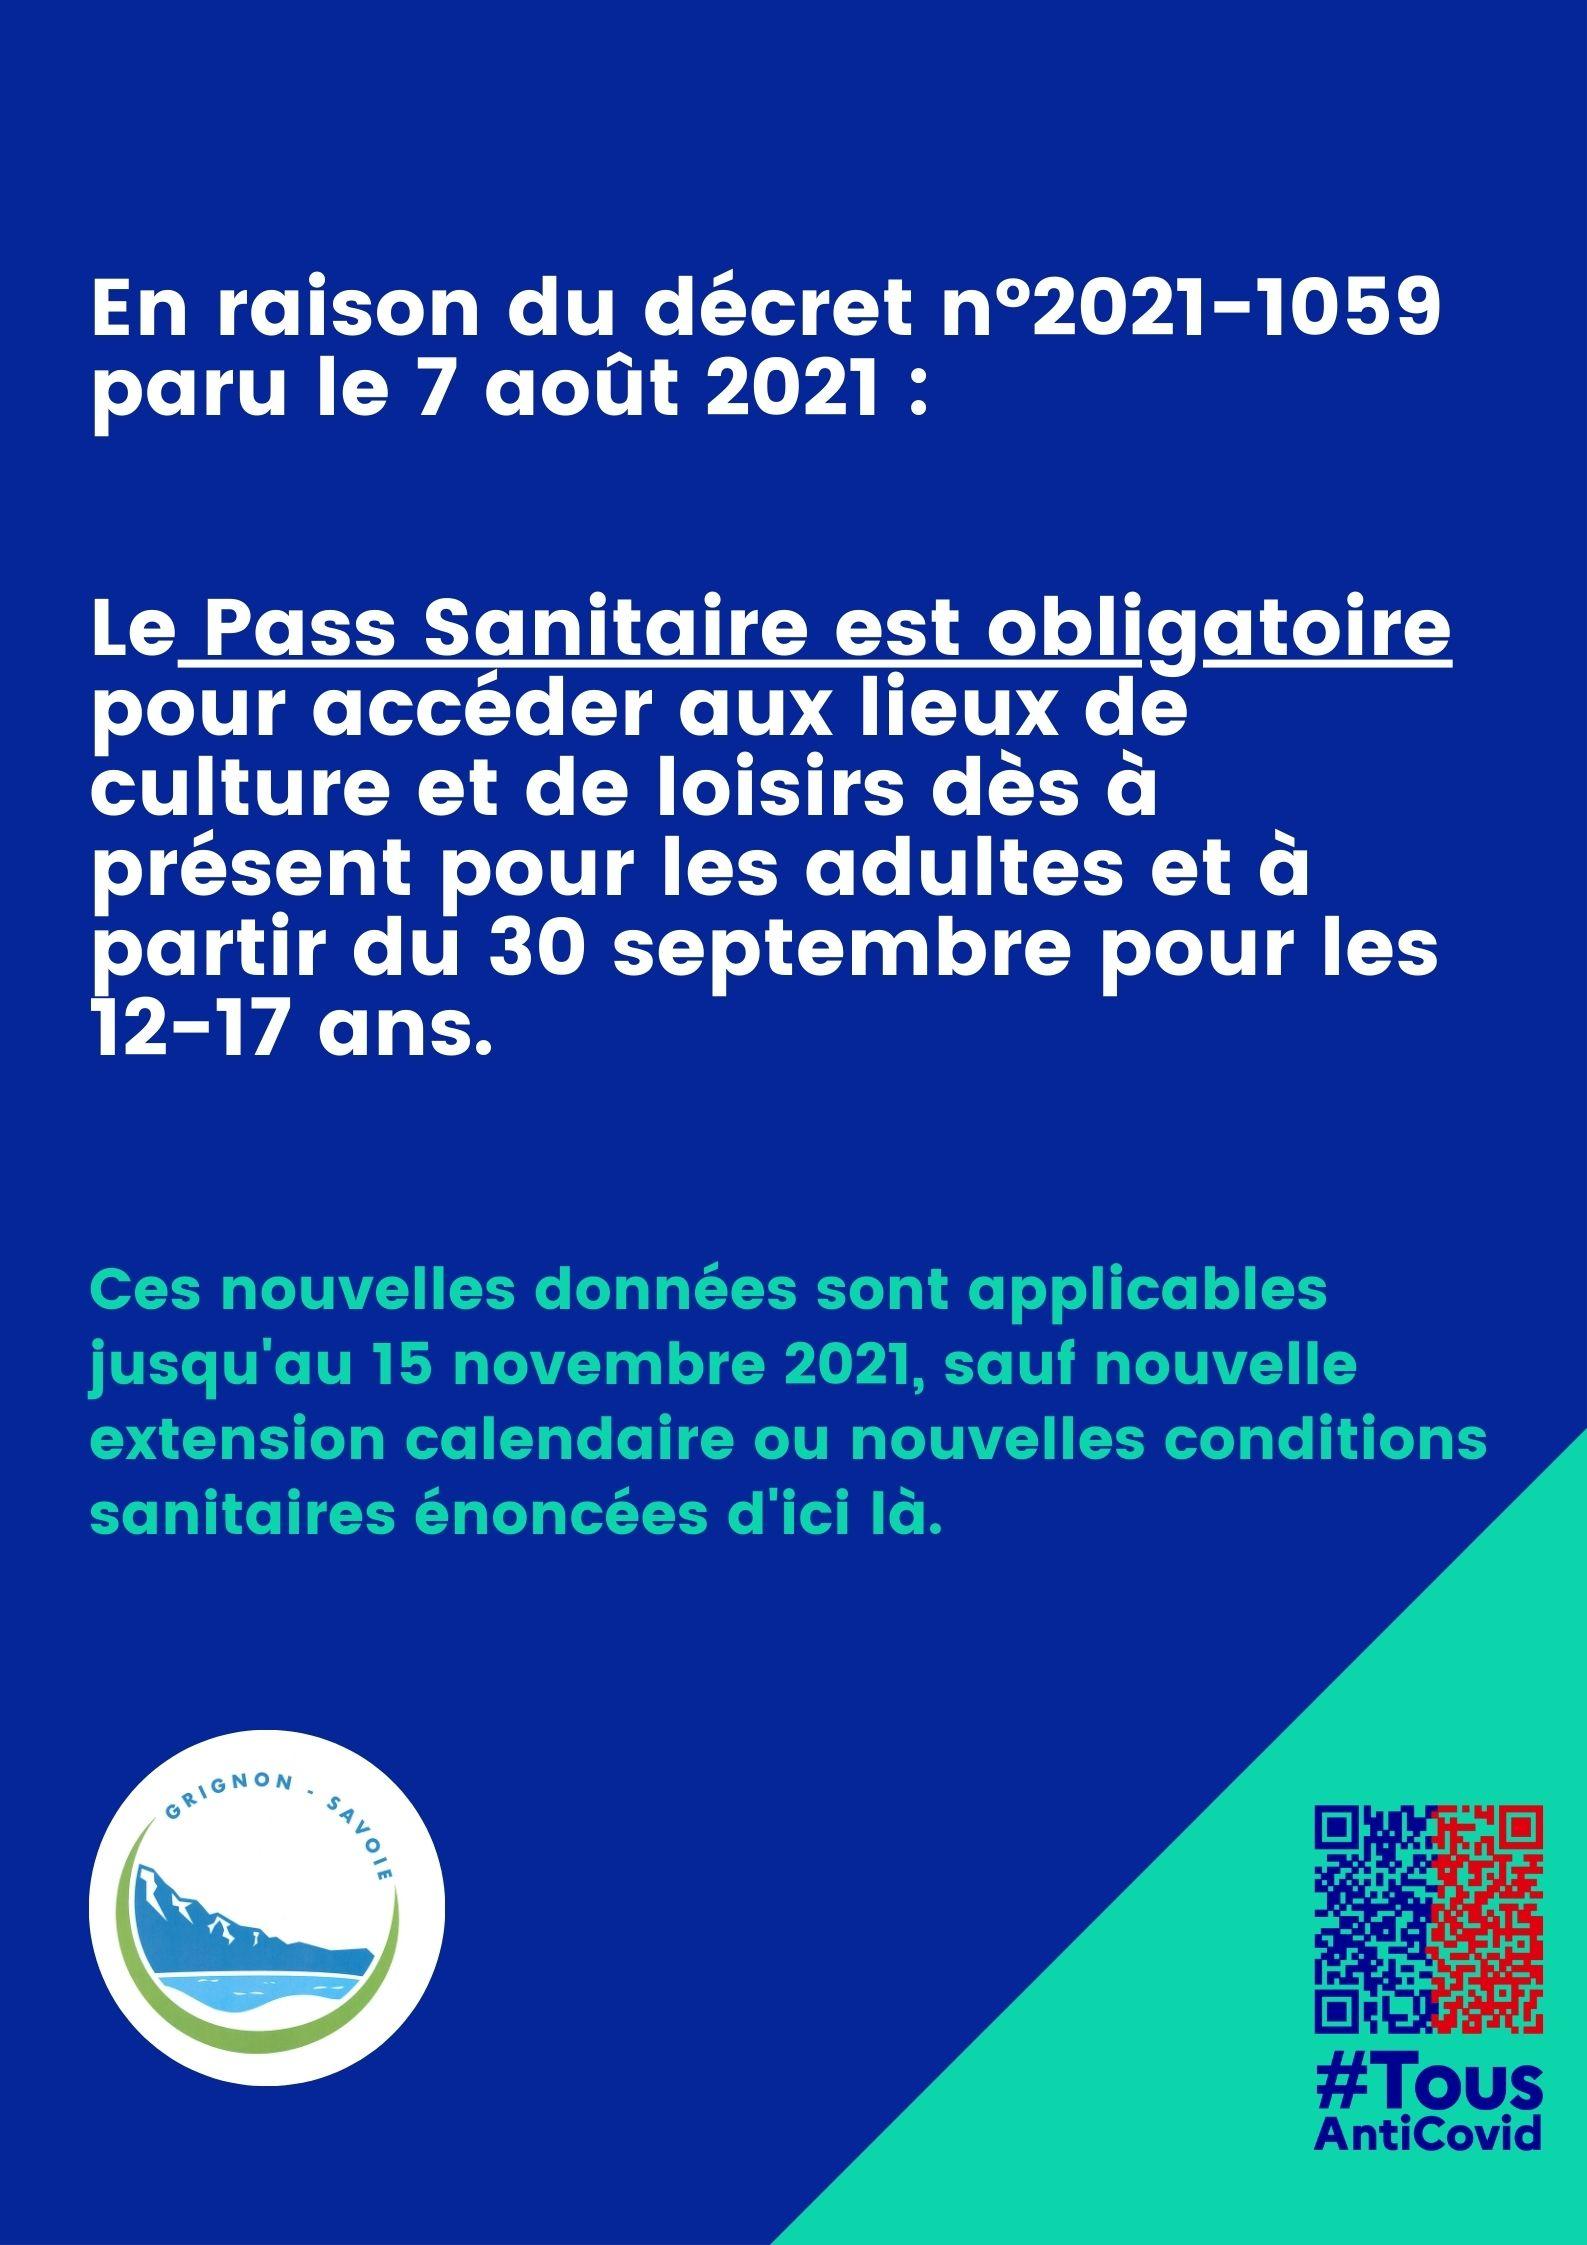 En raison du décret n2021-1059 - Pass sanitaire.jpg